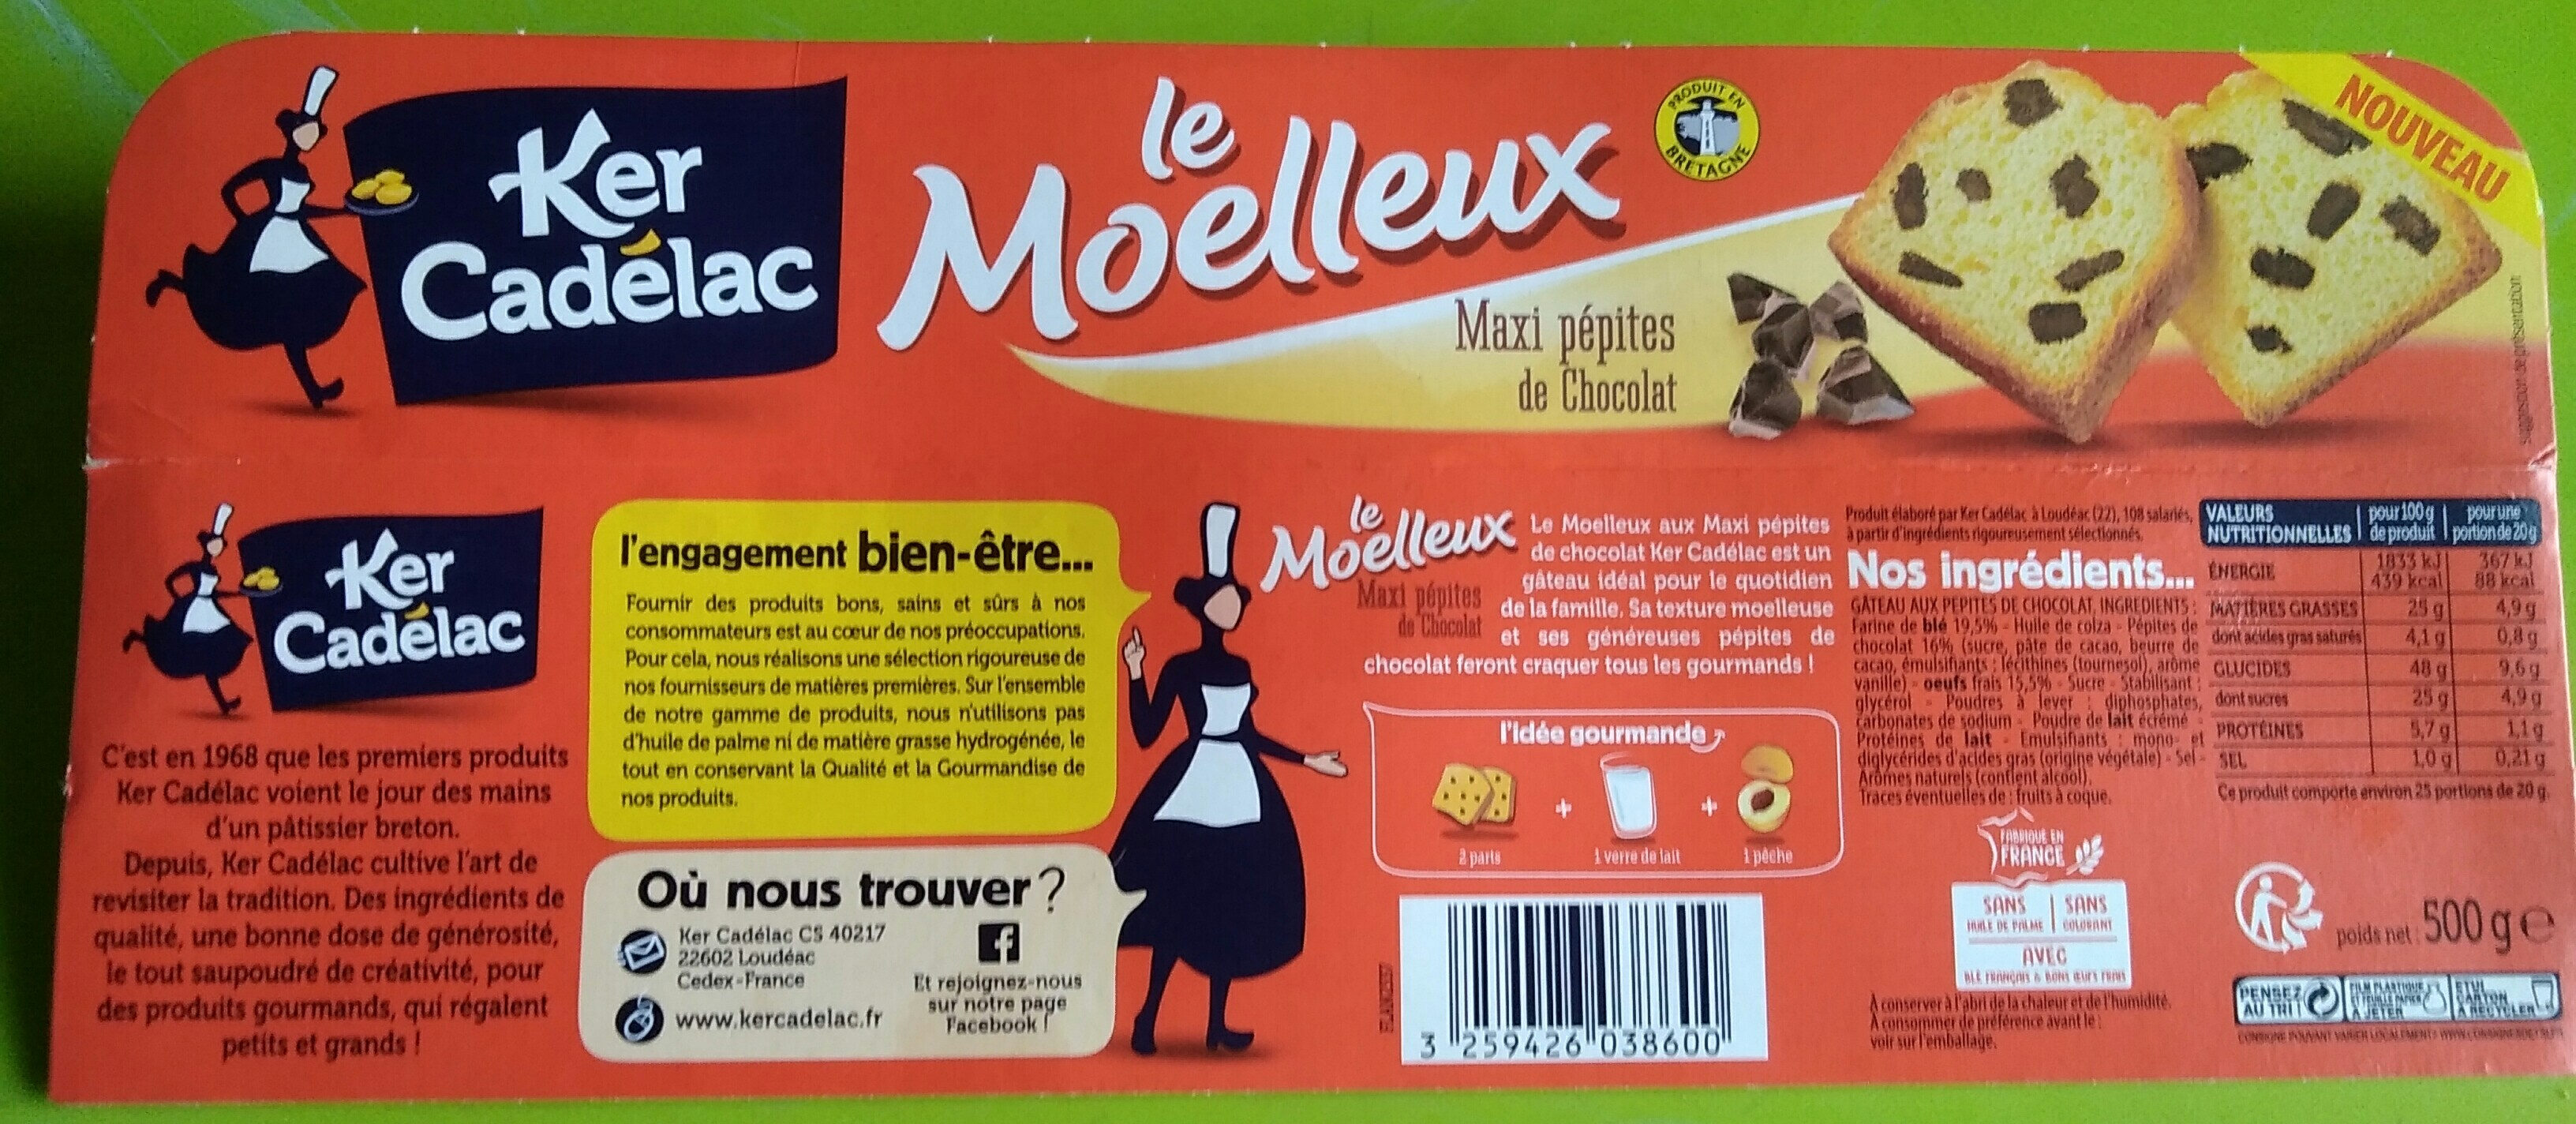 Le moelleux maxi pépites de chocolat - Produit